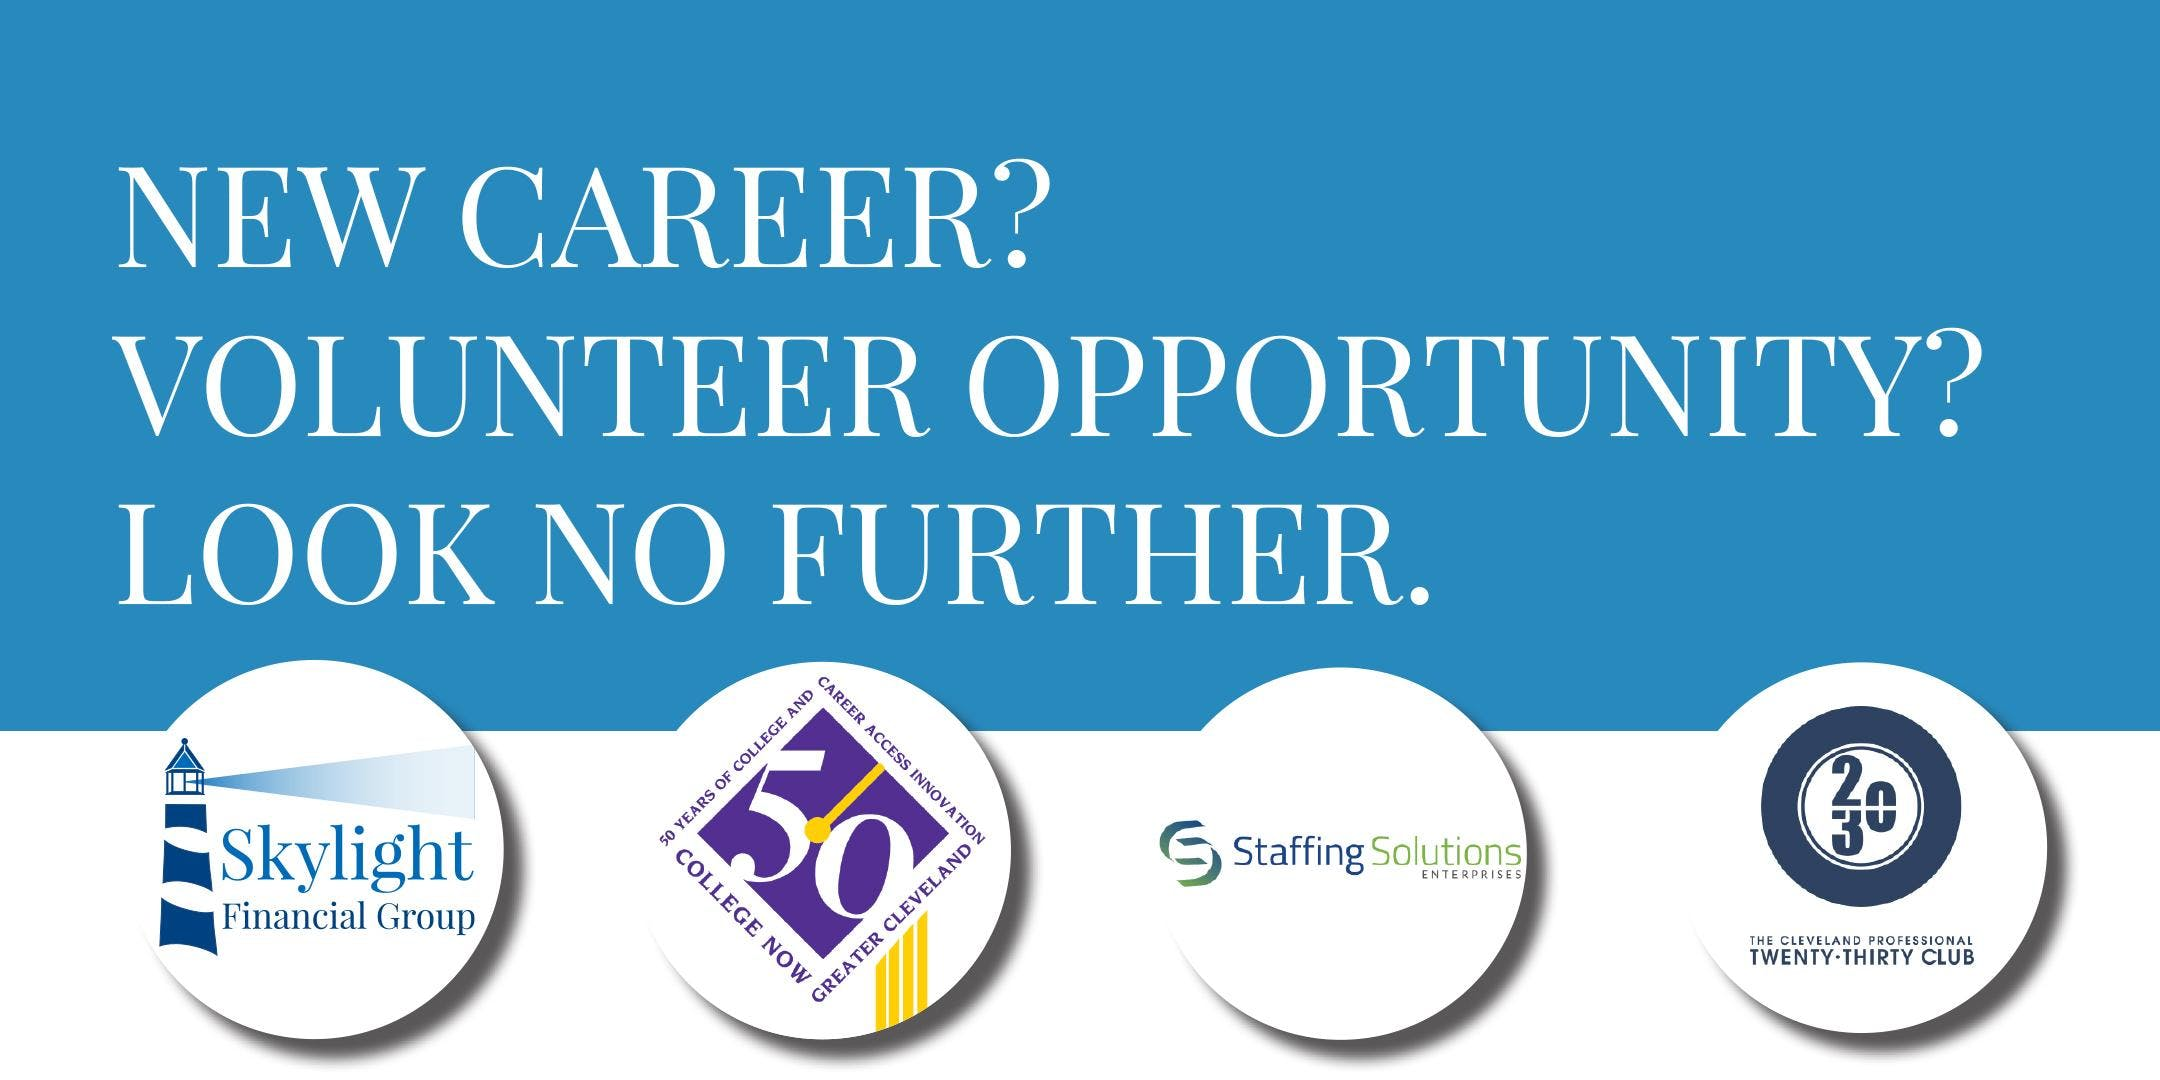 New career?  Volunteer opportunity? Look no further.